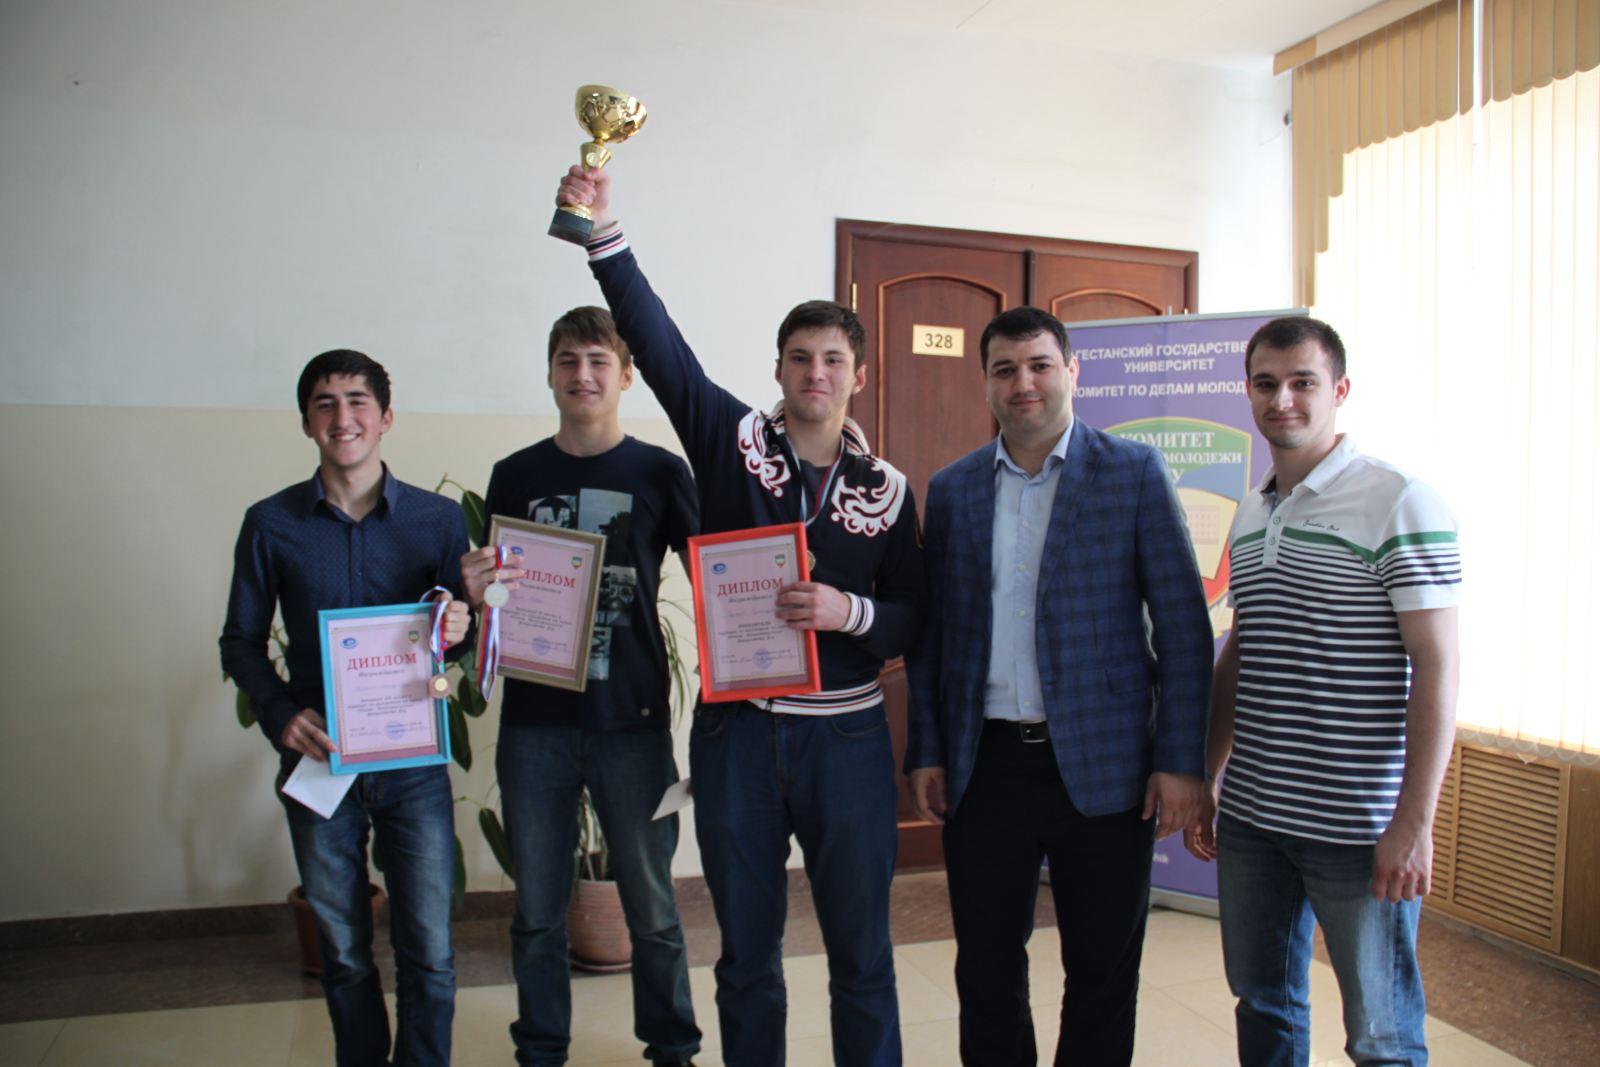 Отчёт о проделанной работе Дагестанского регионального отделения за 2016 г.